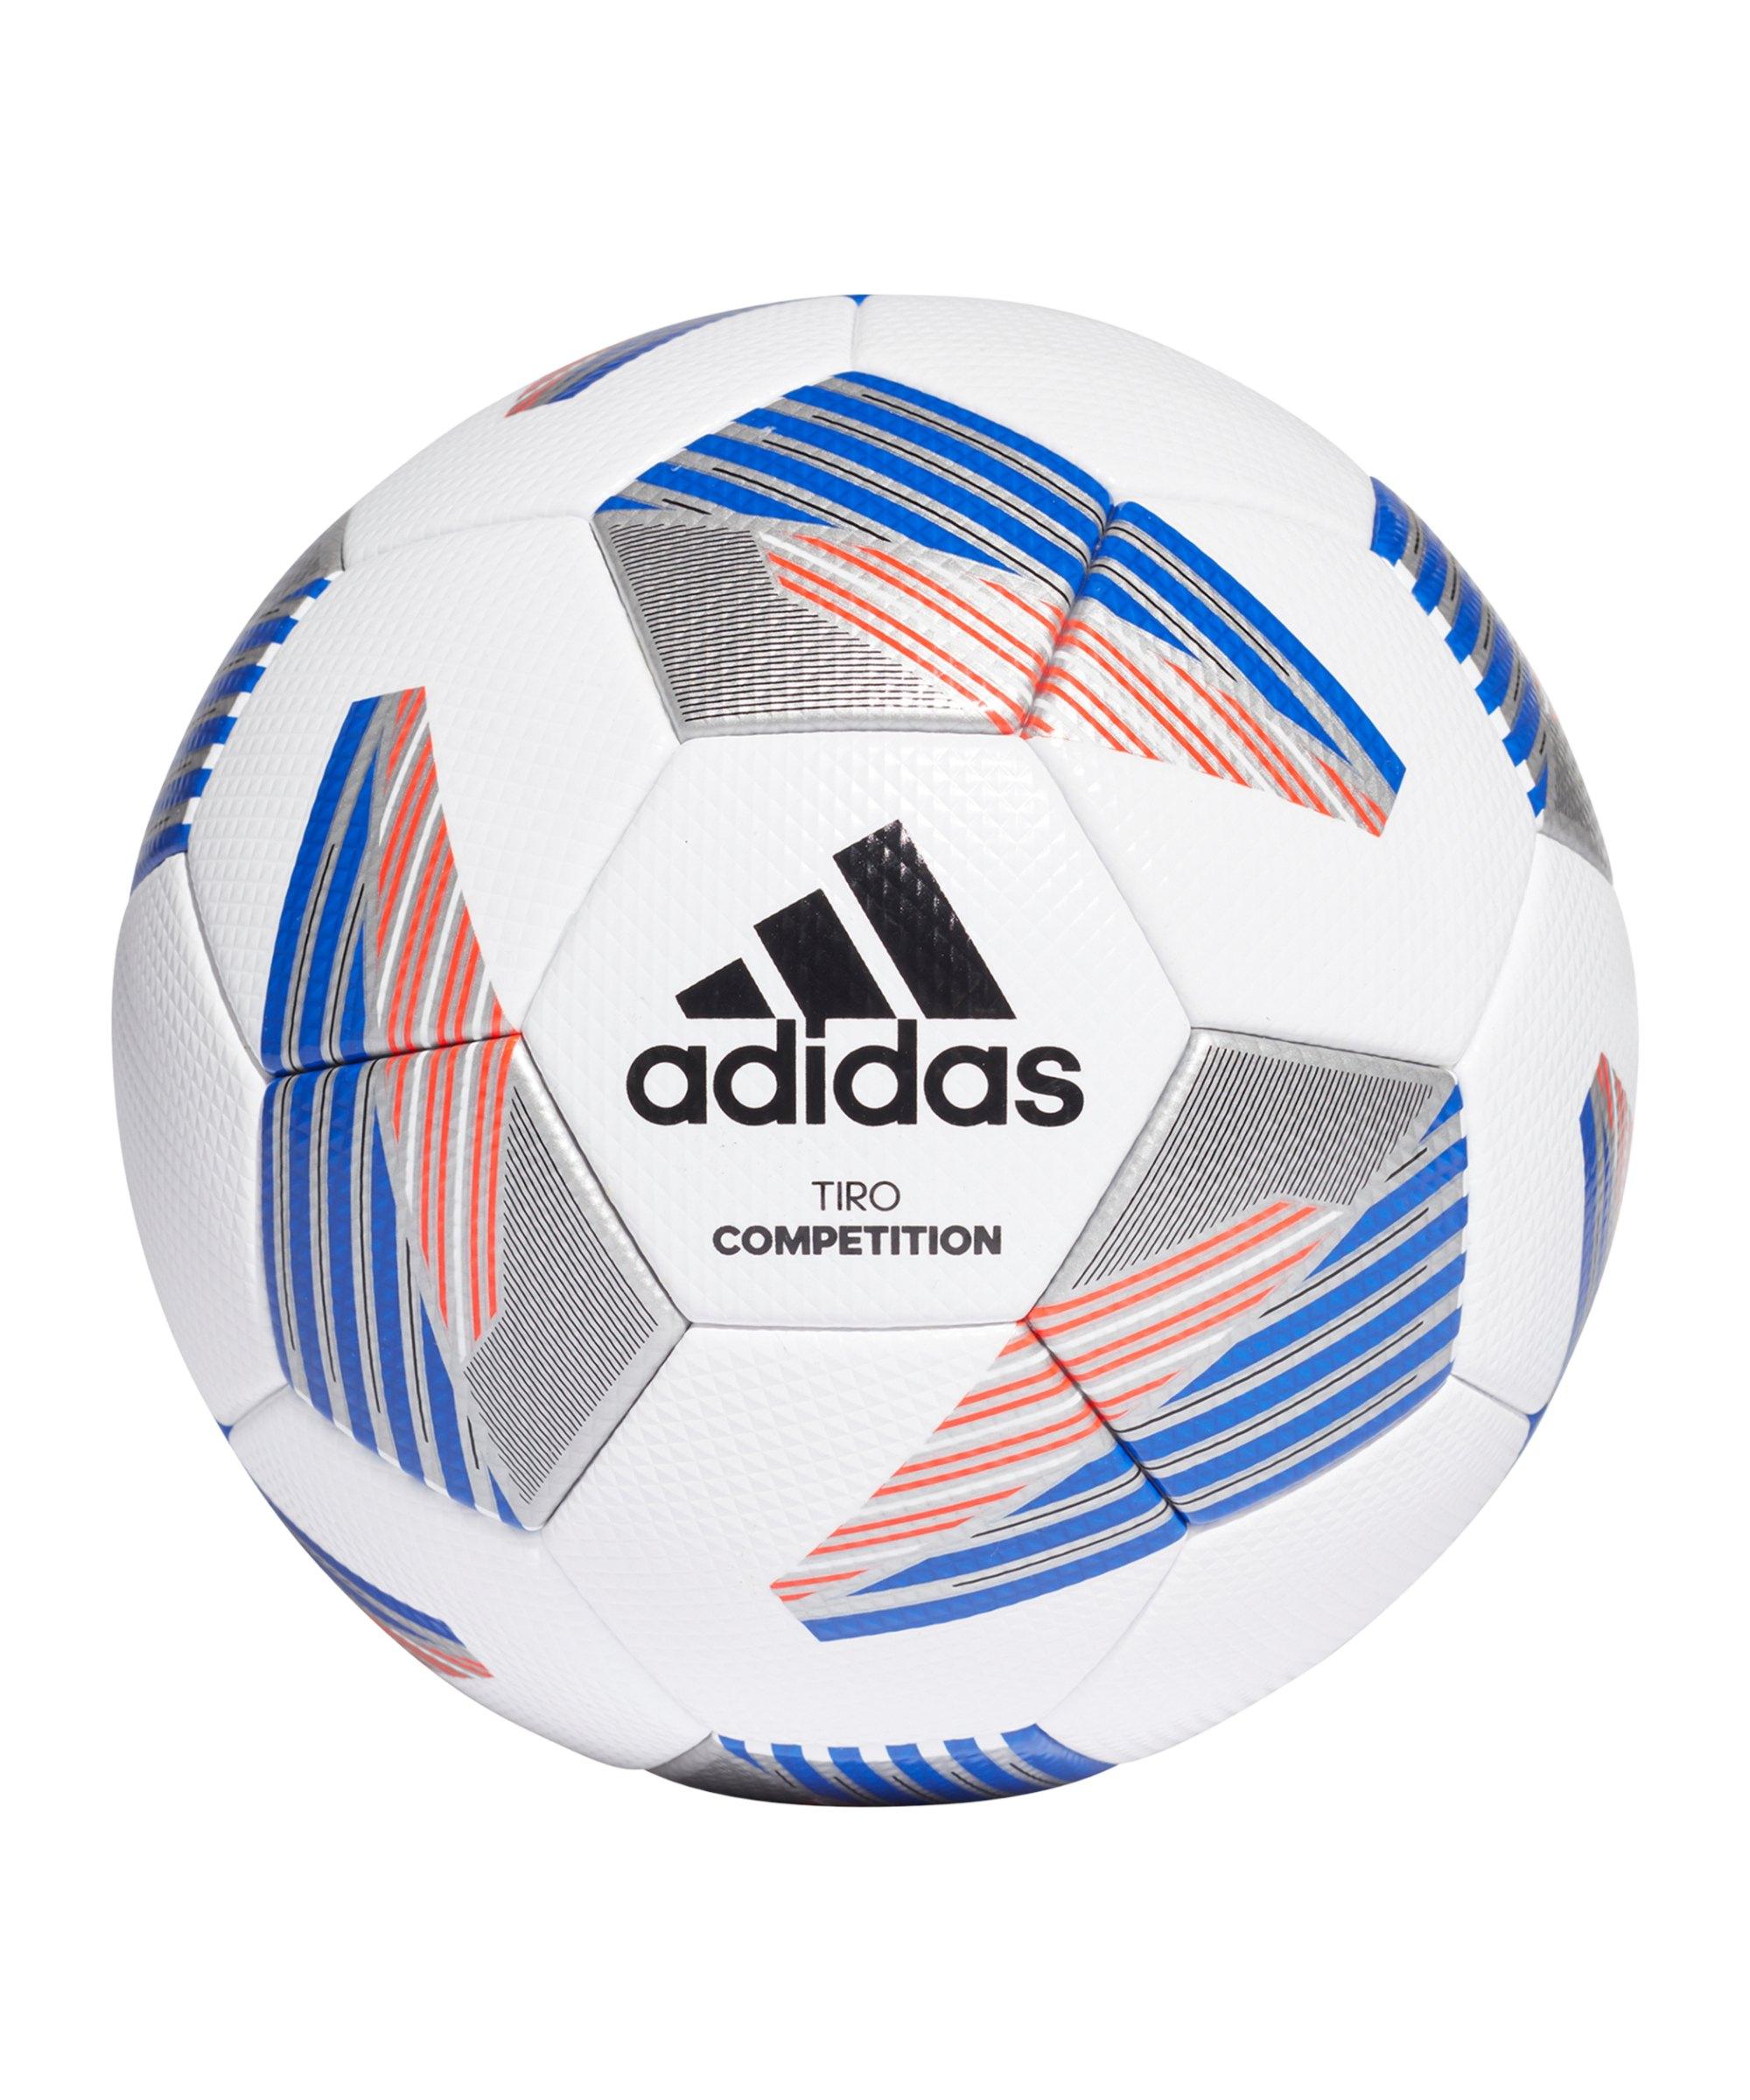 adidas Tiro Competition Spielball Weiss - weiss